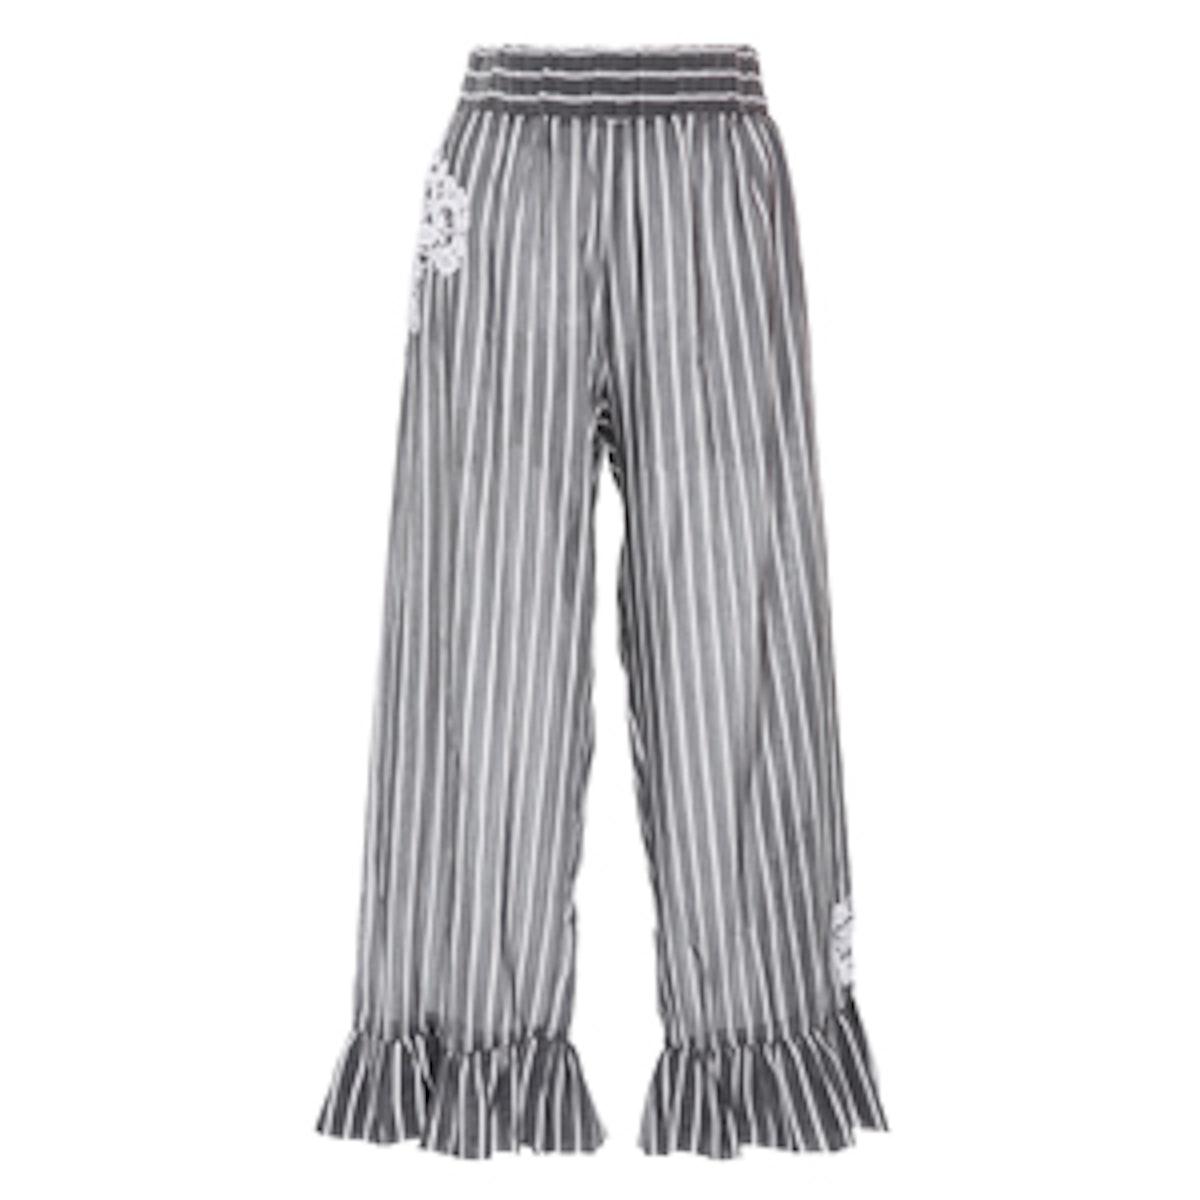 Jesi Lace-Appliqued Striped Pants